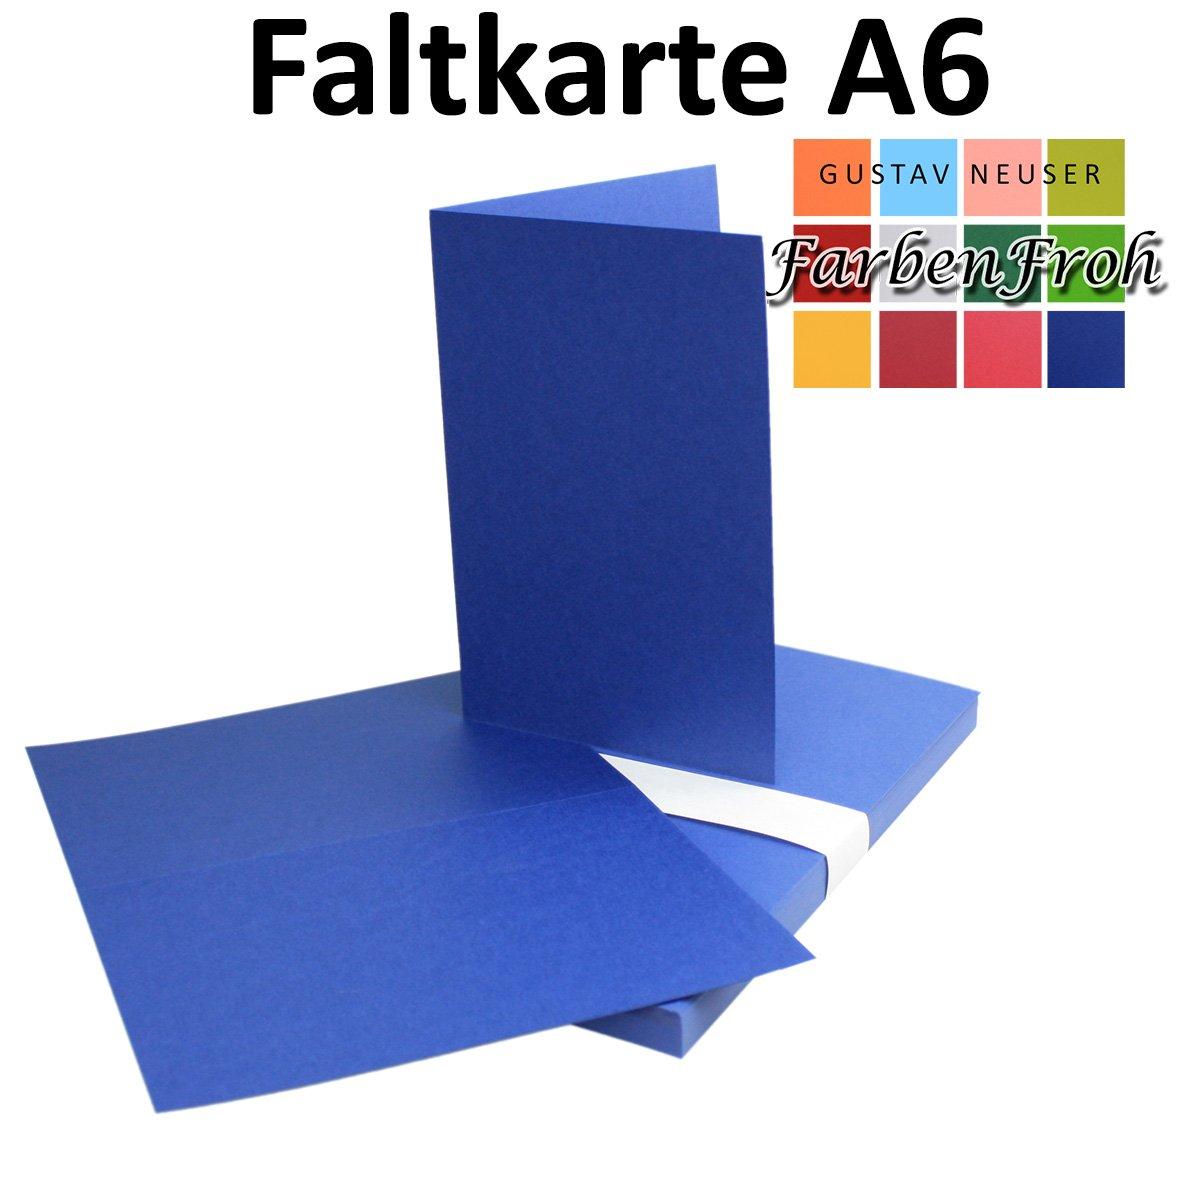 250x Falt-Karten DIN A6 Blanko Doppel-Karten in Hochweiß Kristallweiß Kristallweiß Kristallweiß -10,5 x 14,8 cm   Premium Qualität   FarbenFroh® B06Y3WZDLM | Eleganter Stil  bb1b33